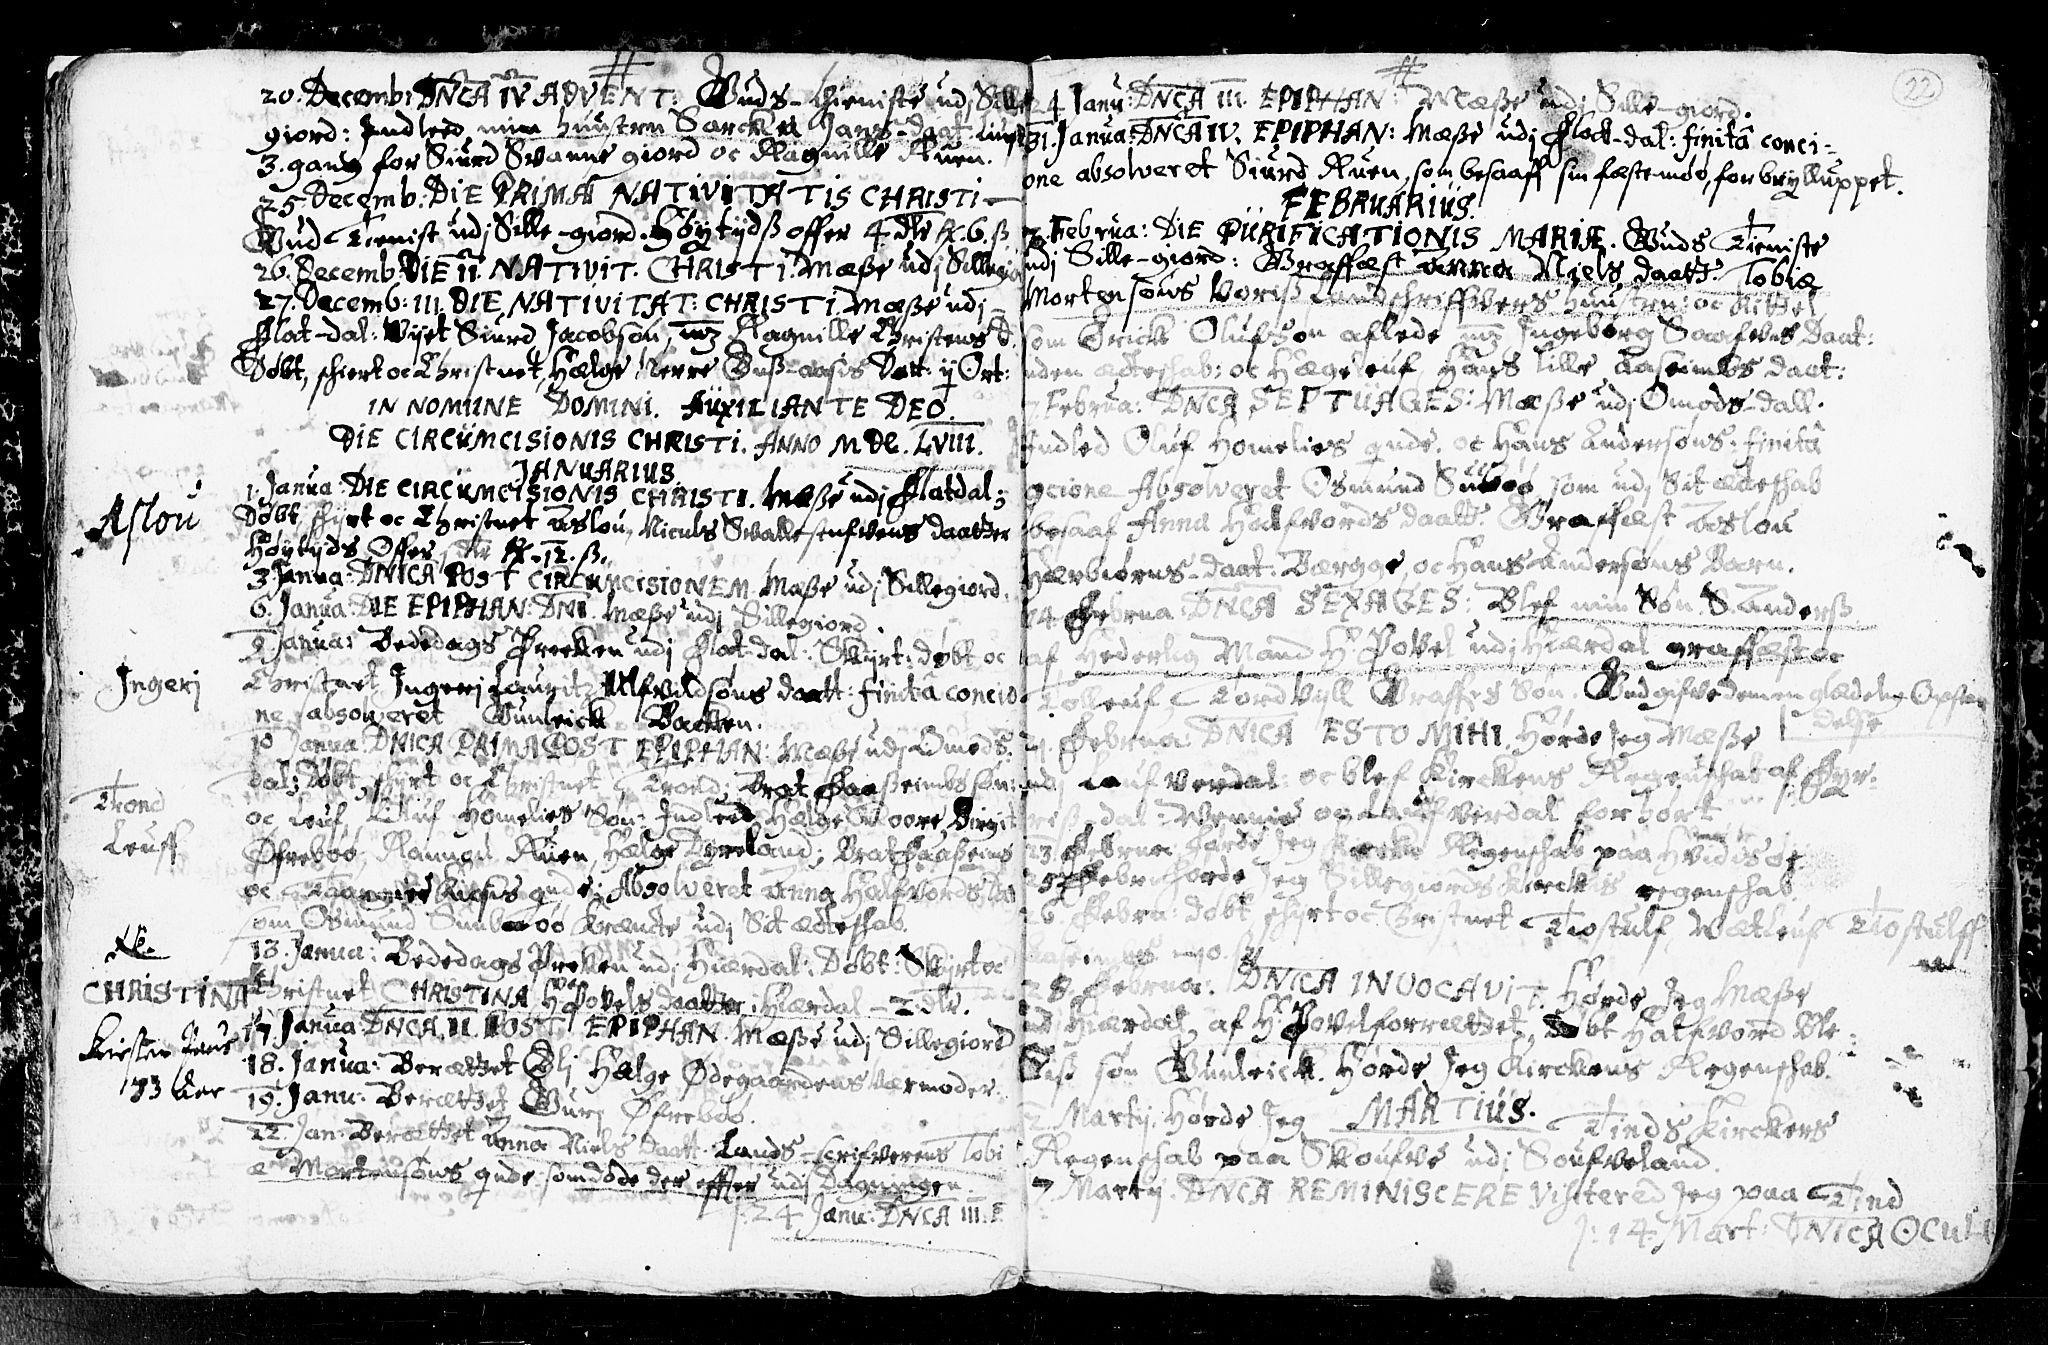 SAKO, Seljord kirkebøker, F/Fa/L0001: Ministerialbok nr. I 1, 1654-1686, s. 22